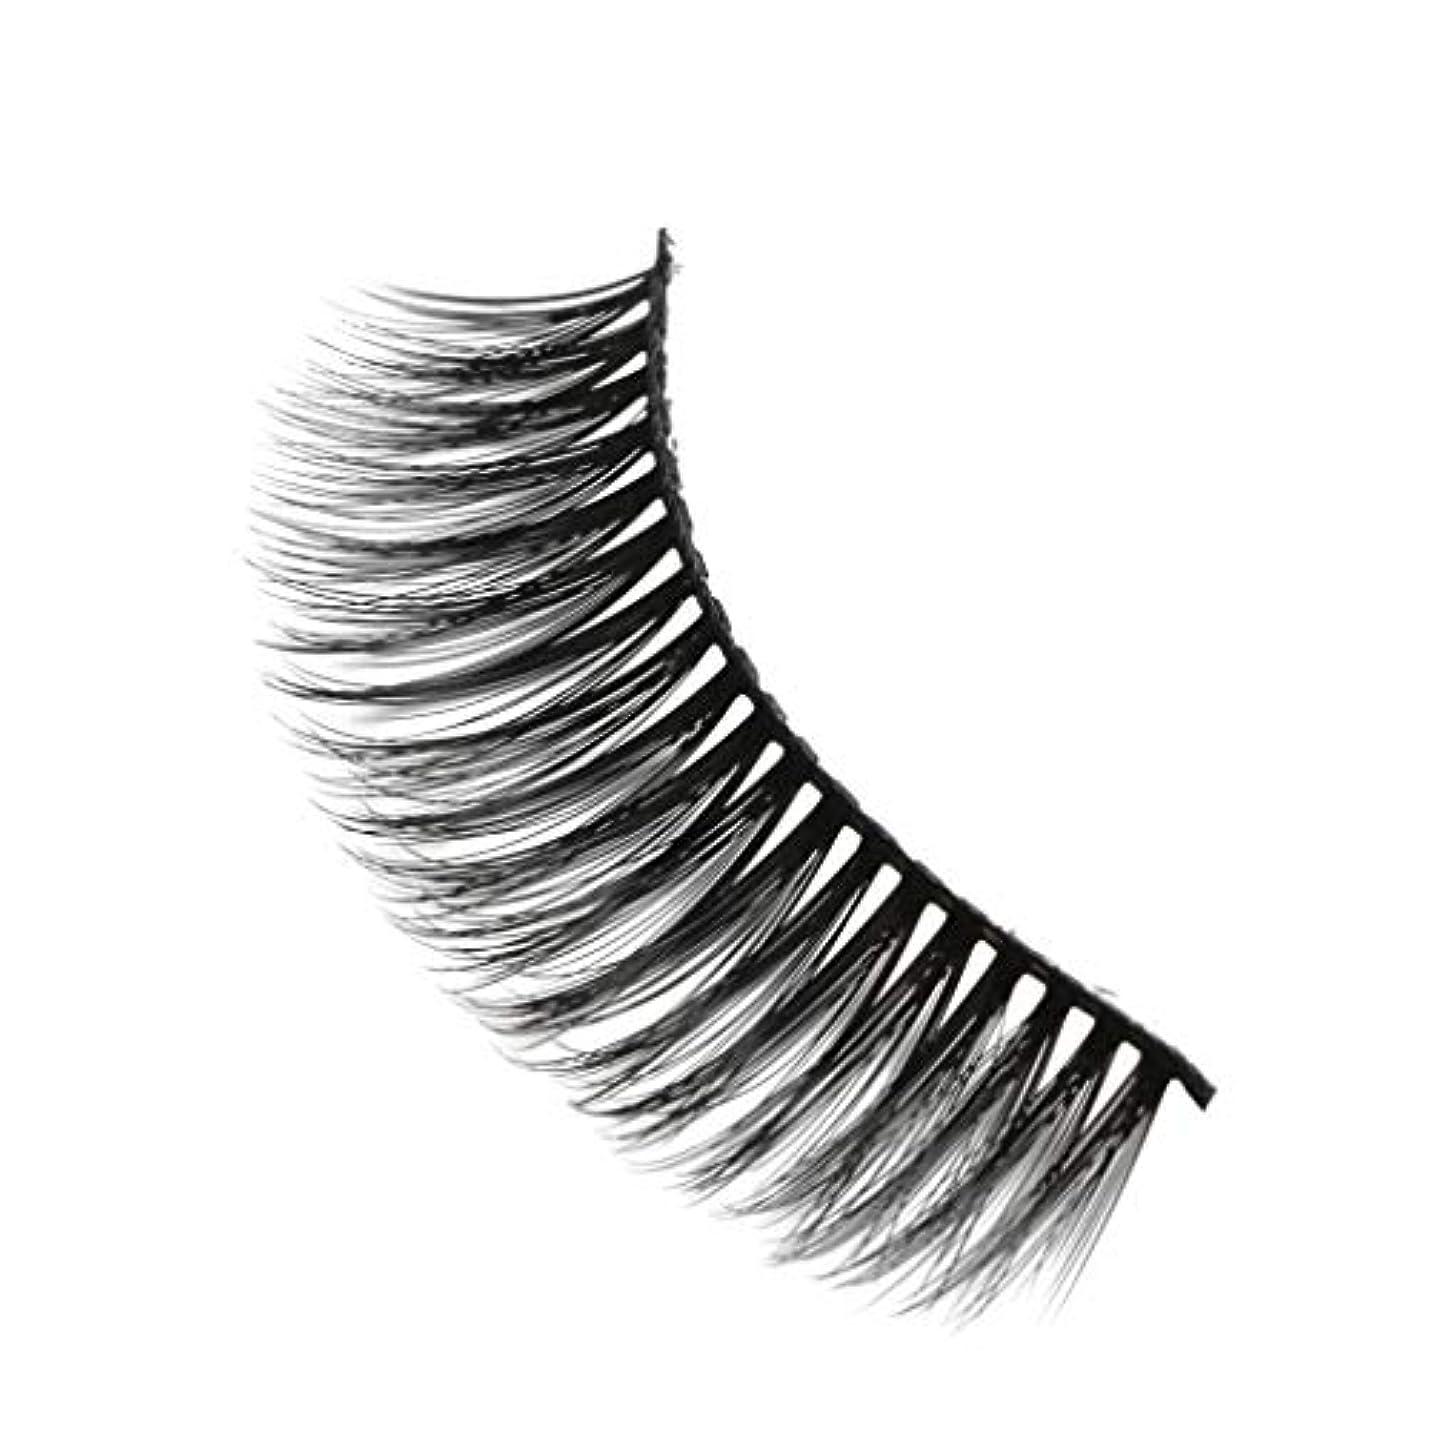 顔料天才冒険柔らかい長い巻き毛と歪んだ多くの層まつげと3Dミンクの毛皮の10ペア